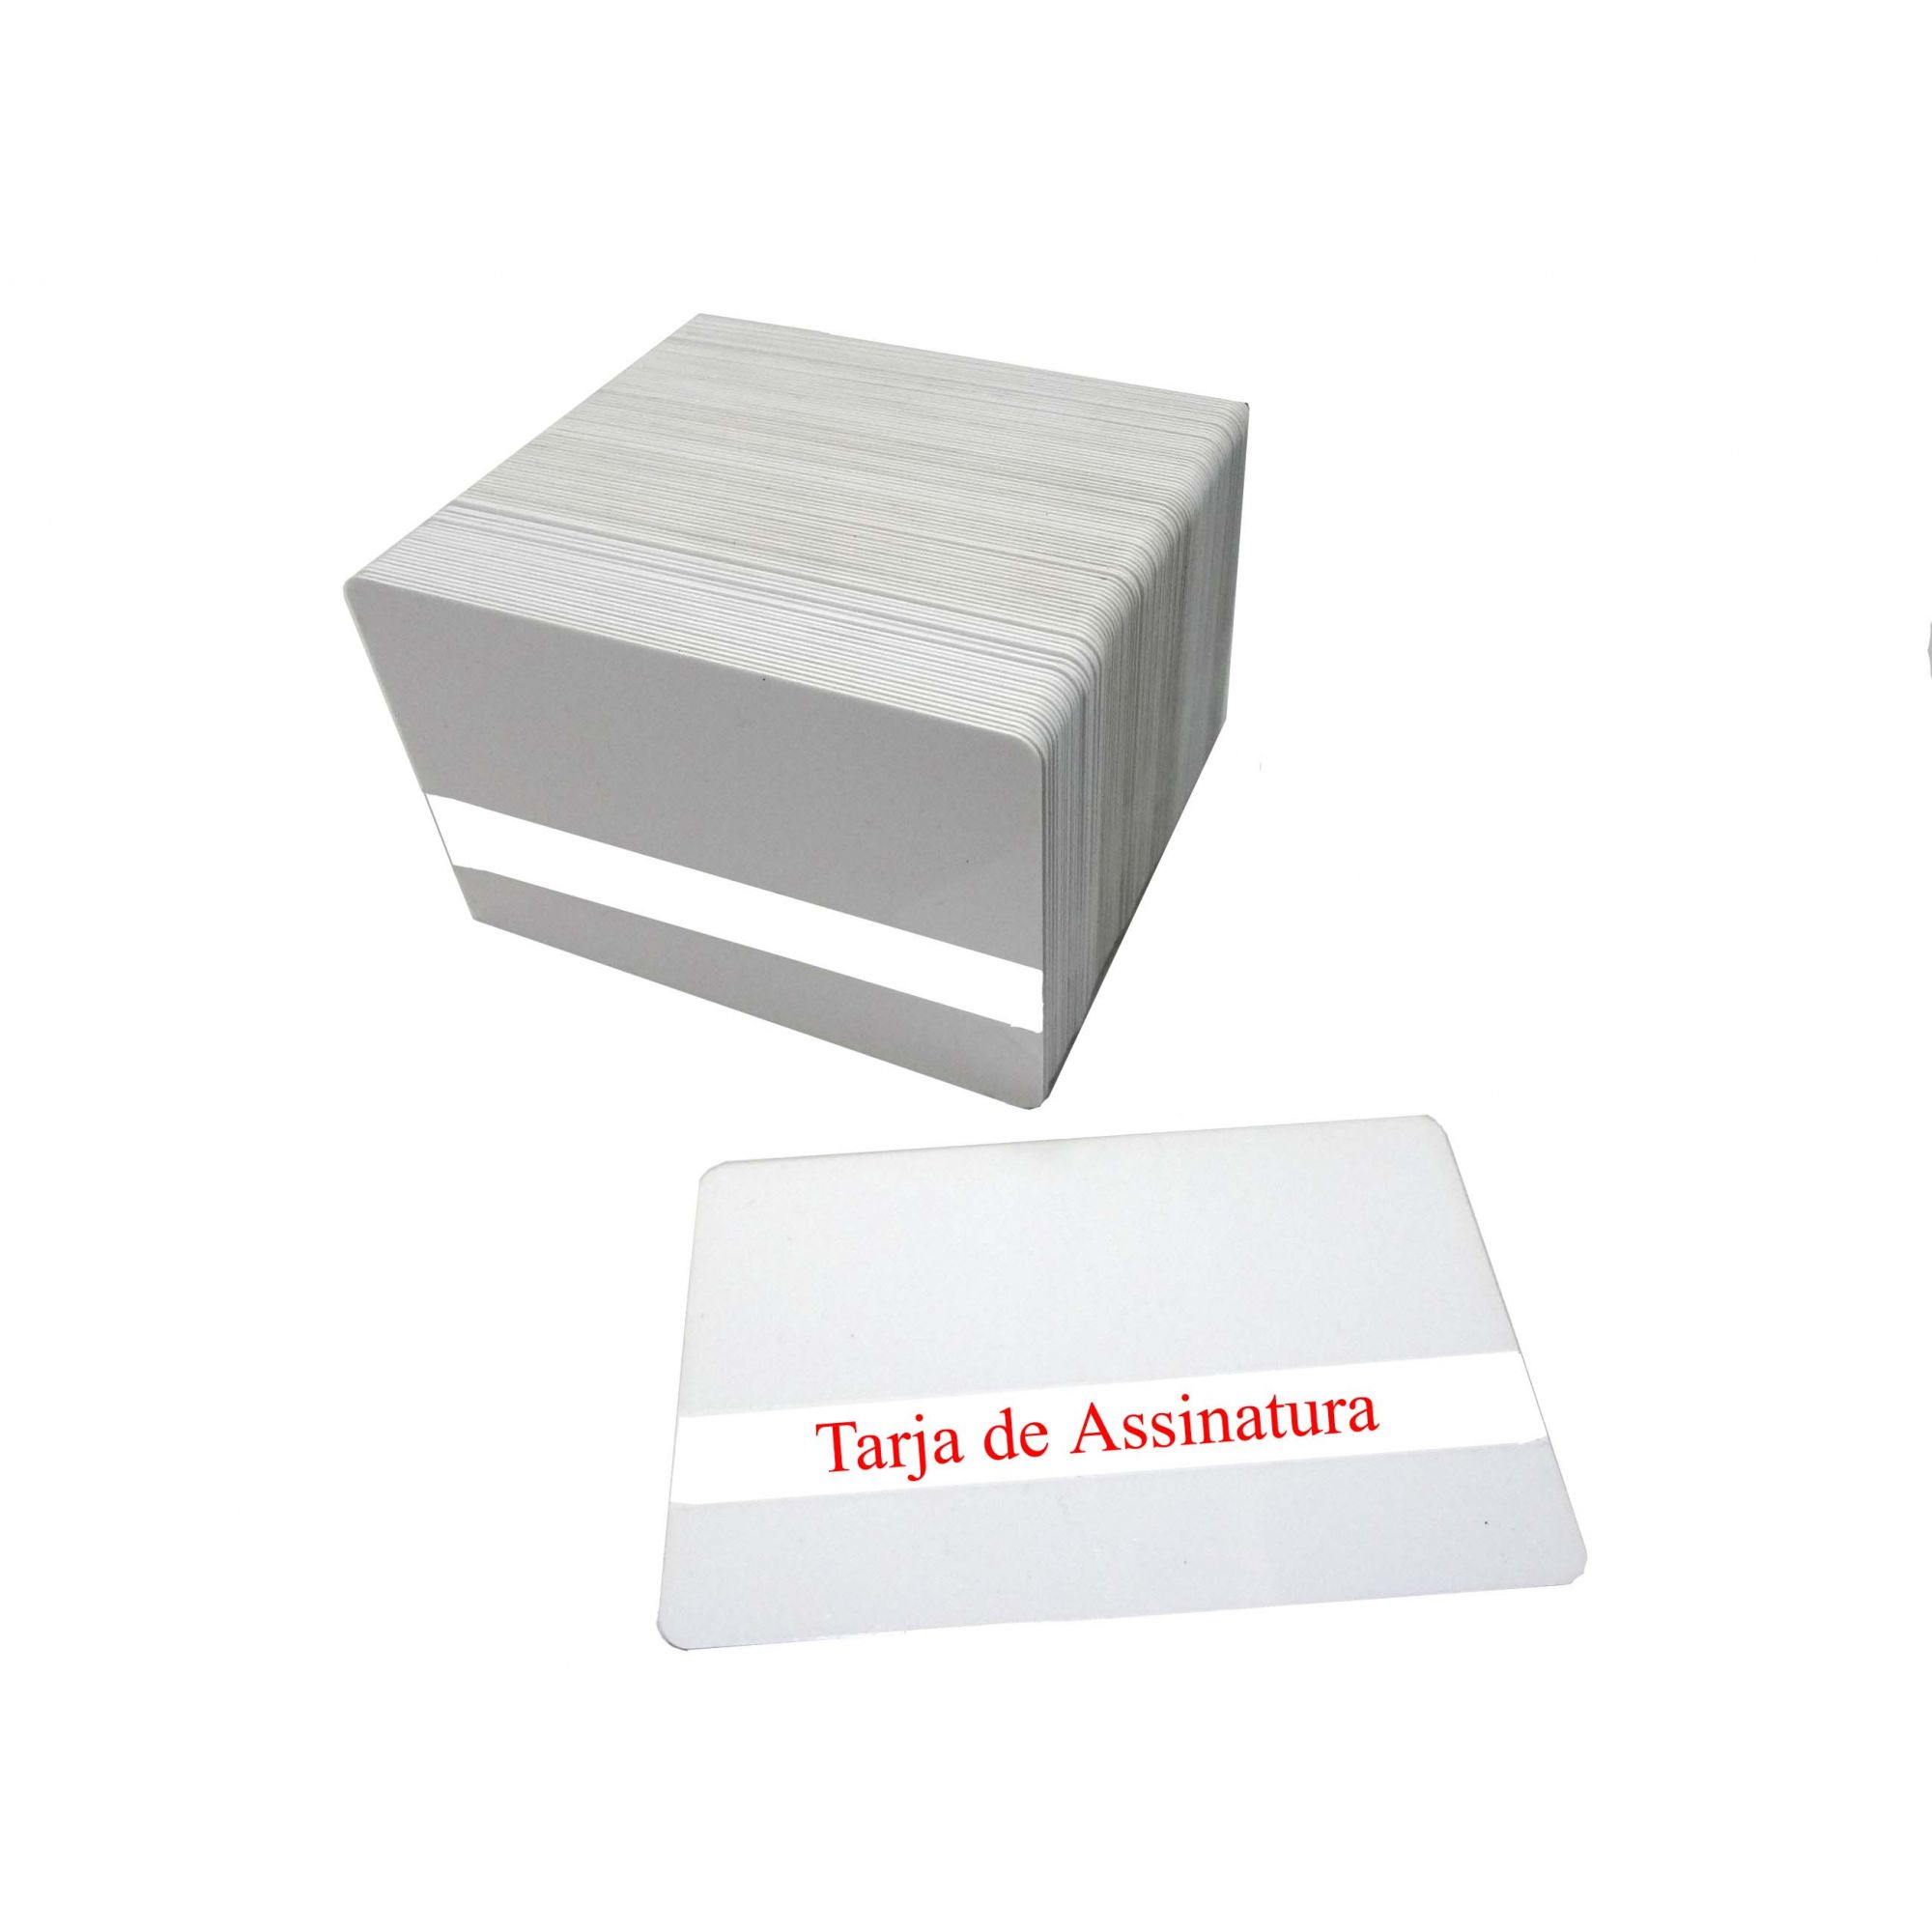 f) Cartão PVC Branco Com Tarja de Assinatura Espessura 076